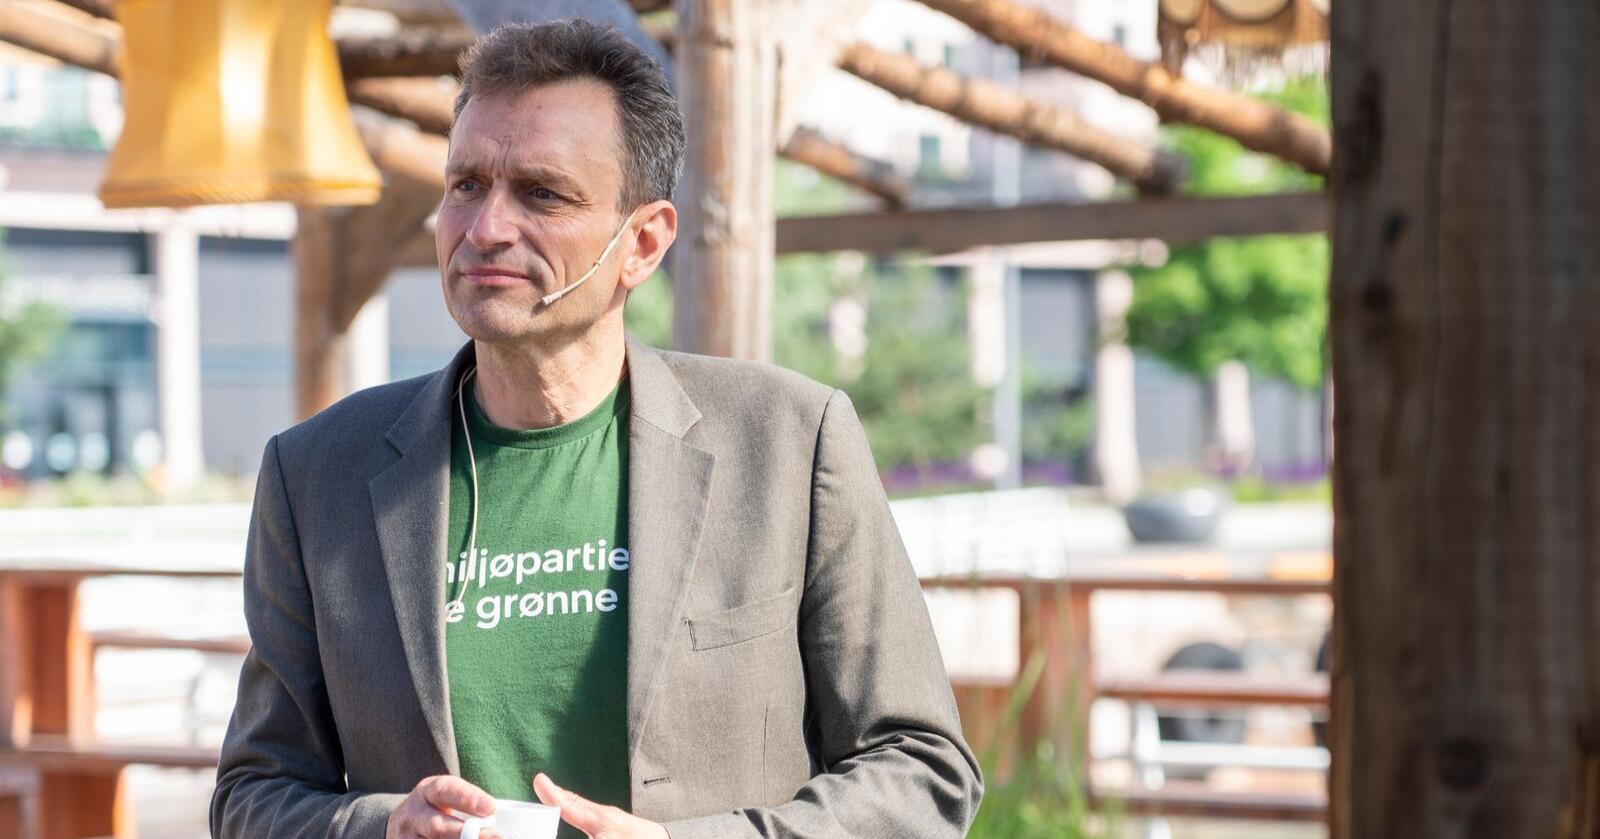 MDGs nestleder Arild Hermstad skal lede partiets evaluering etter årets stortingsvalg. Foto: Terje Pedersen / NTB